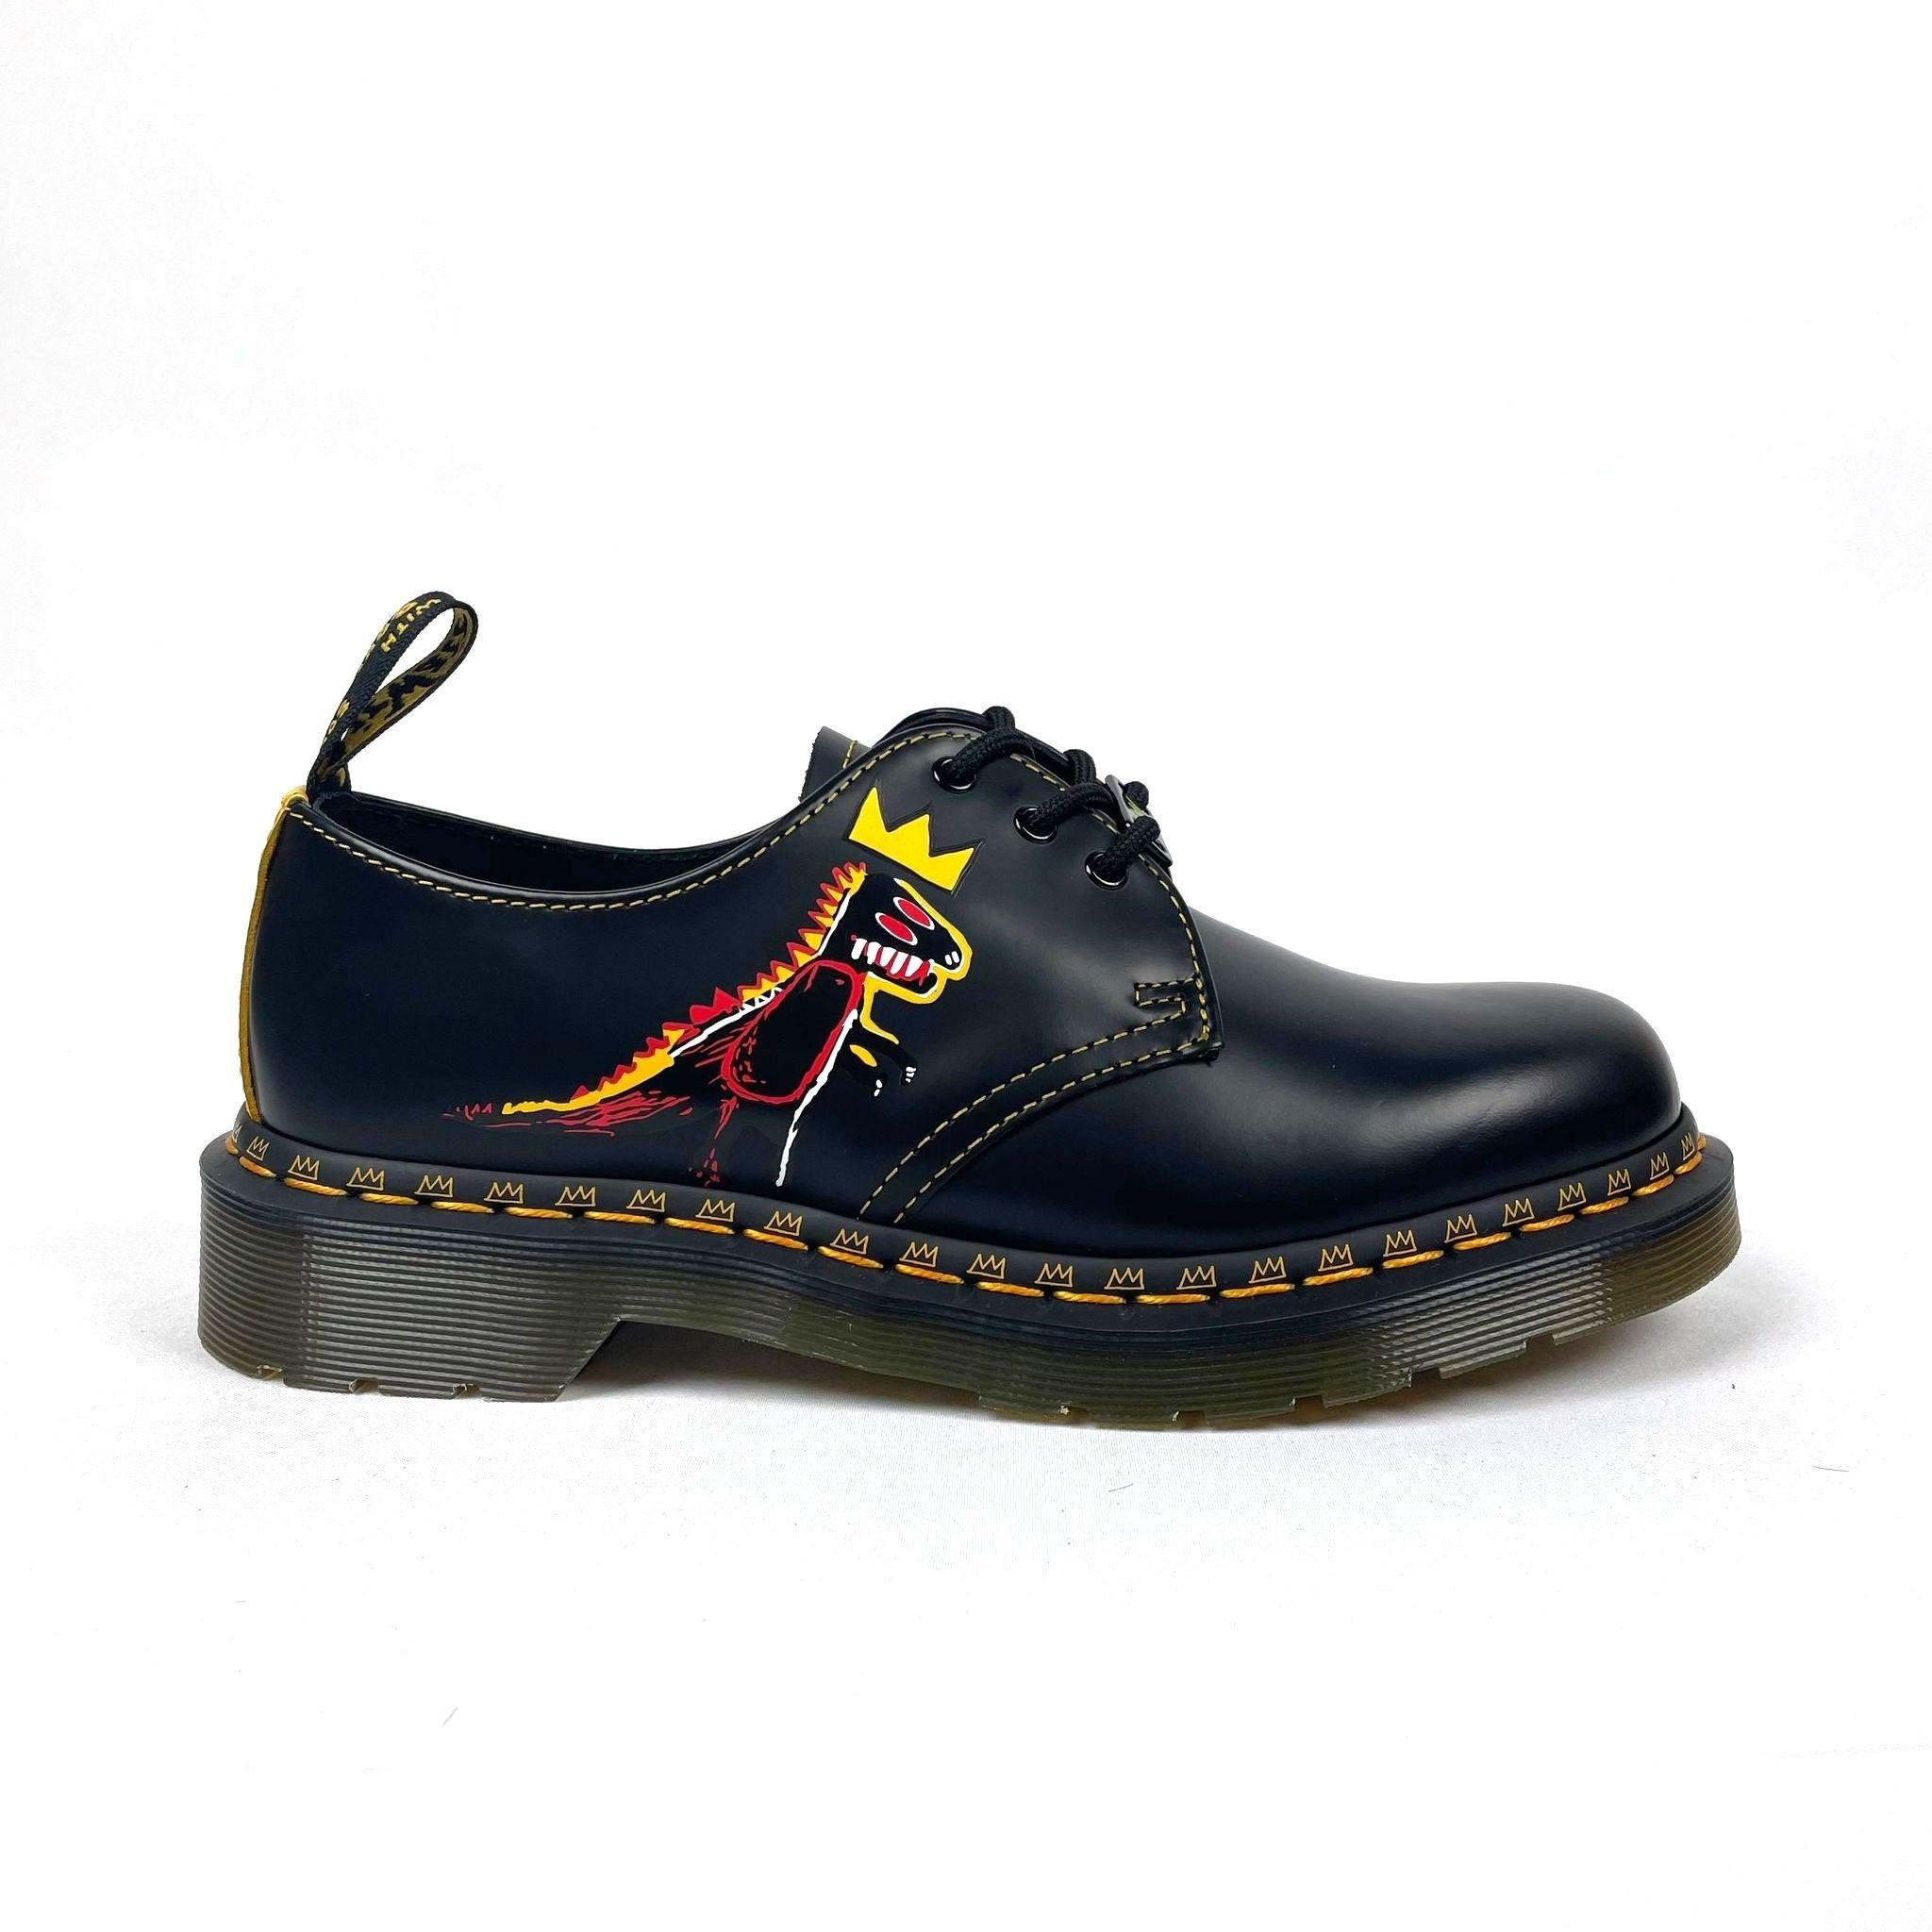 Dr Martens 1461 Basquiat II - Black/Yellow